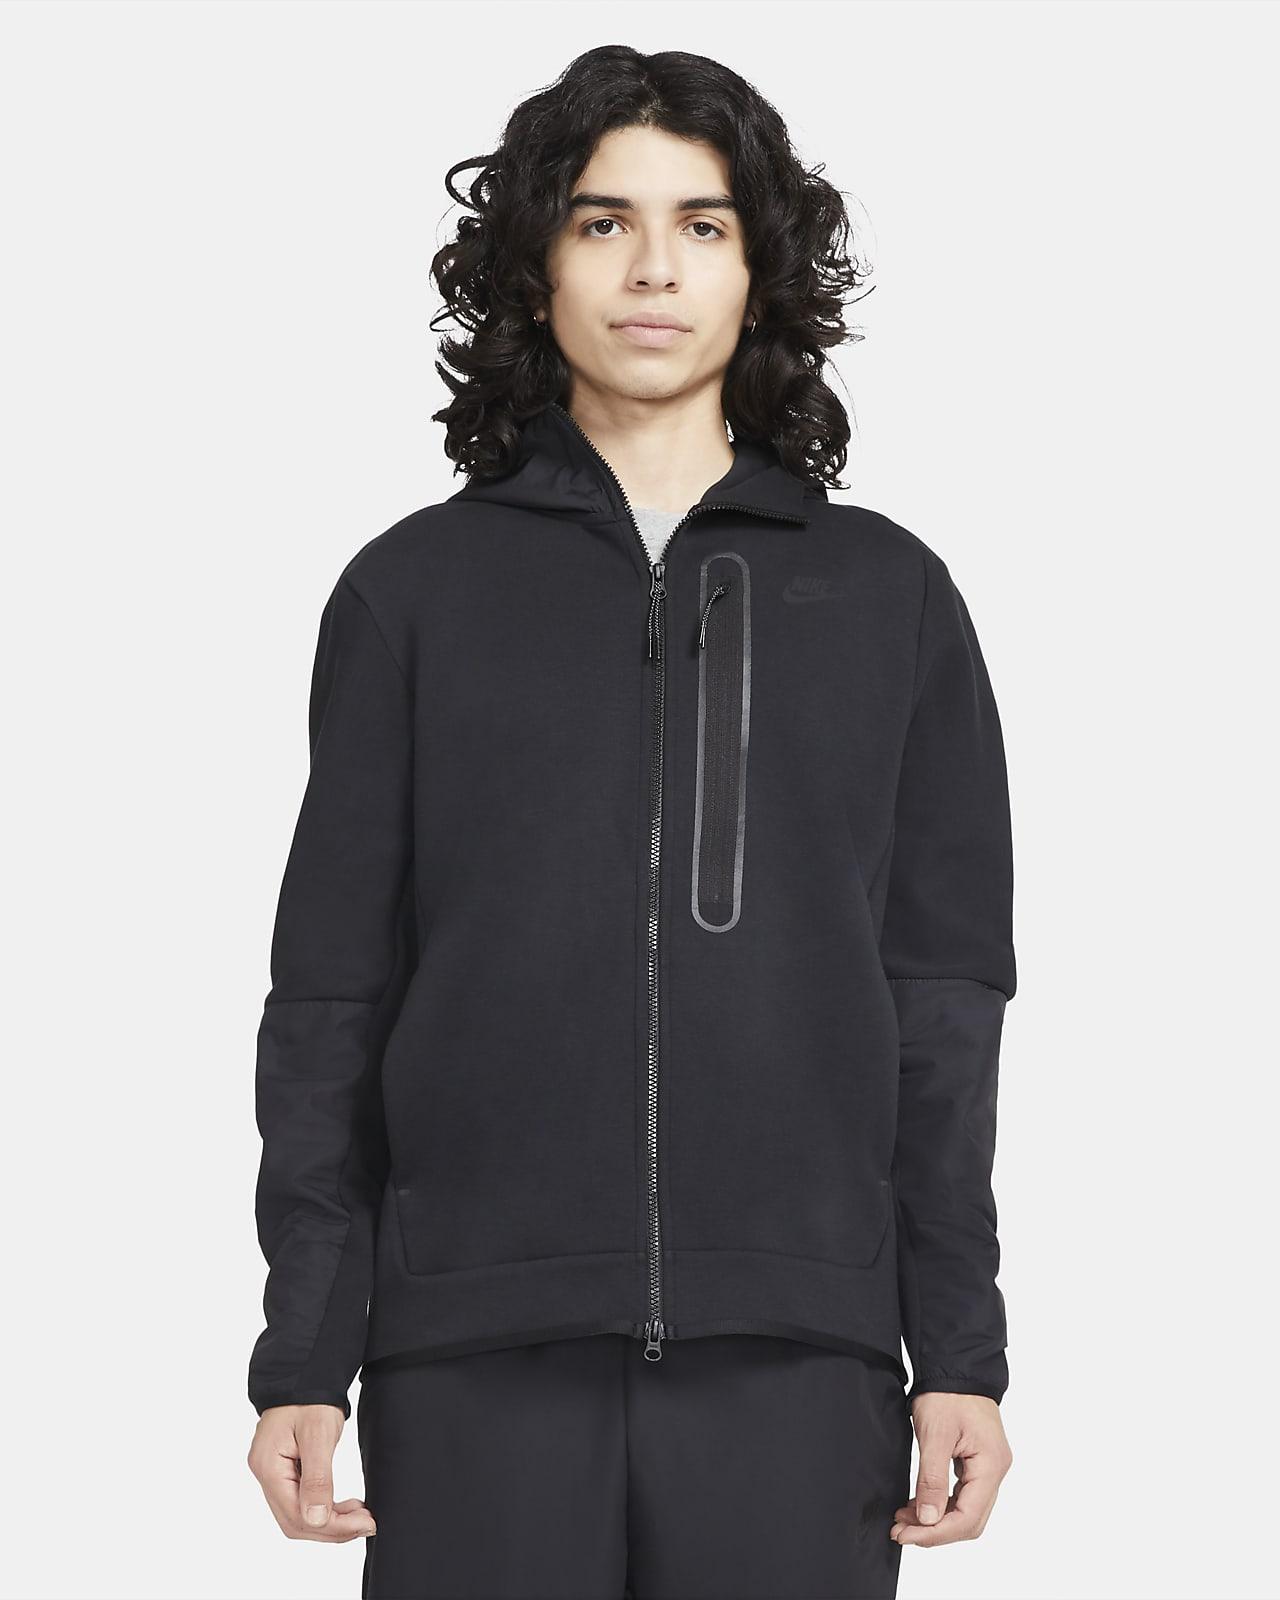 Vävd huvtröja med dragkedja i fullängd Nike Sportswear Tech Fleece för män